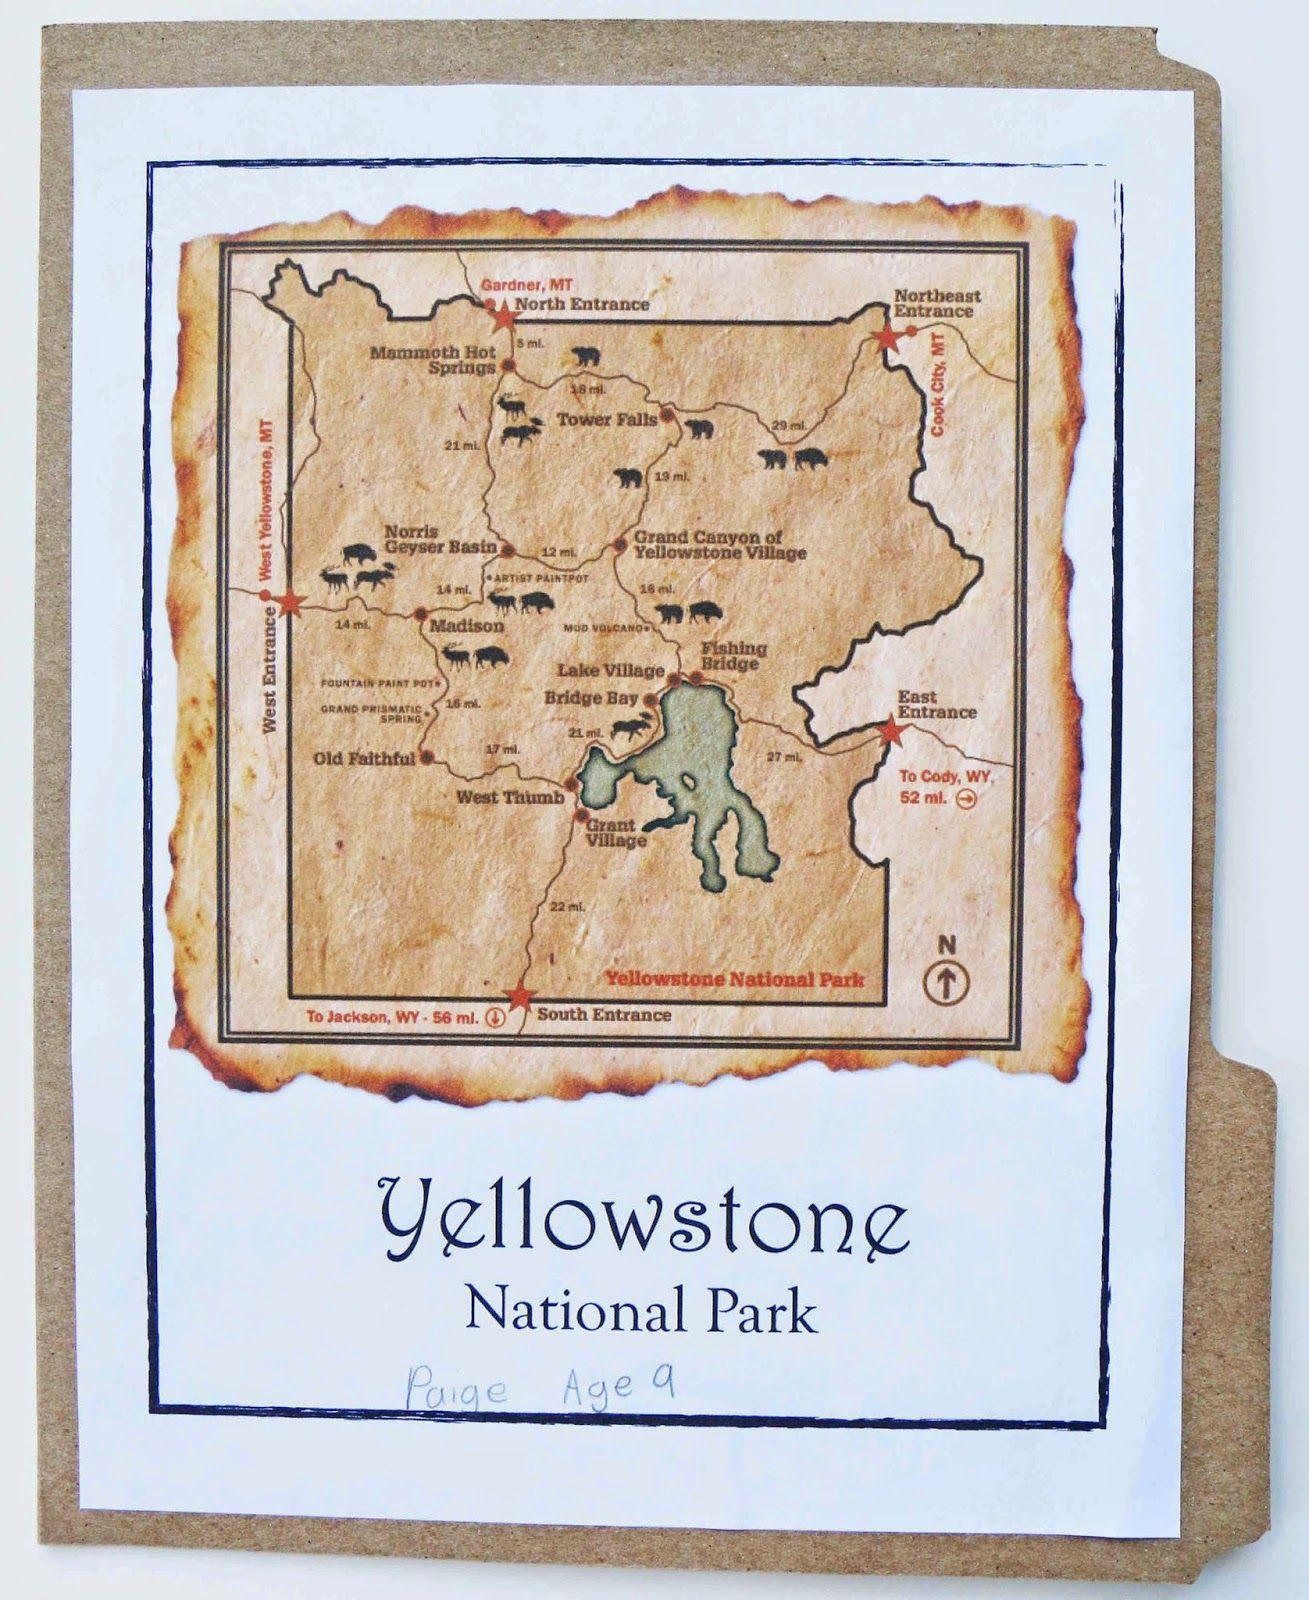 Free Yellowstone National Park Lapbook